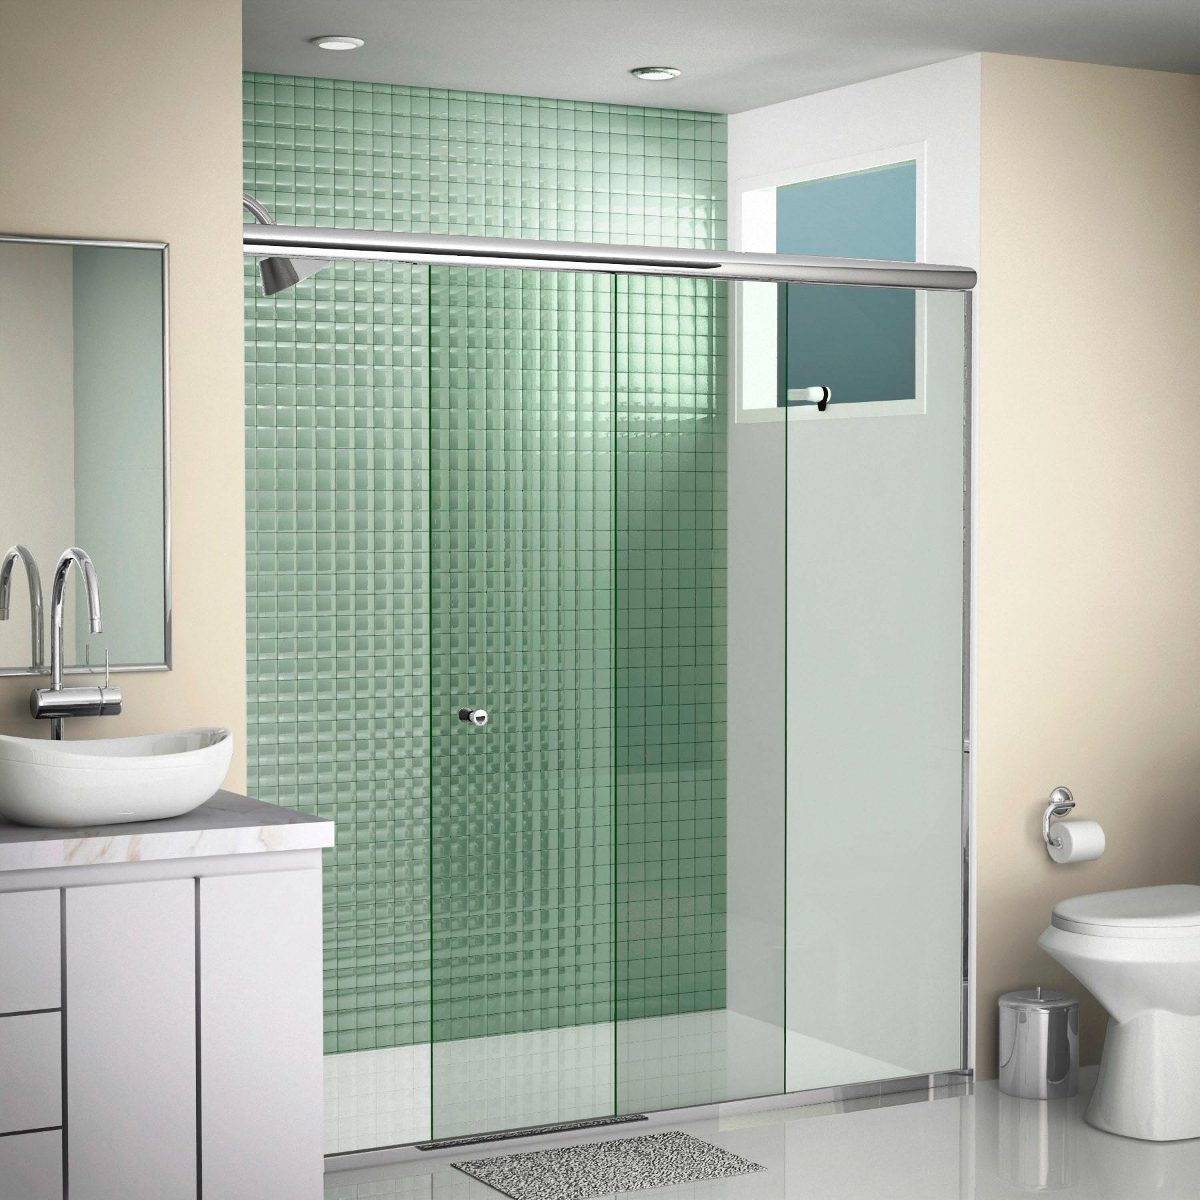 #466B50 Box Para Banheiro (com Qualidade E Preço) R$ 63 00 no MercadoLivre 1200x1200 px Banheiro Tipo Container 1695